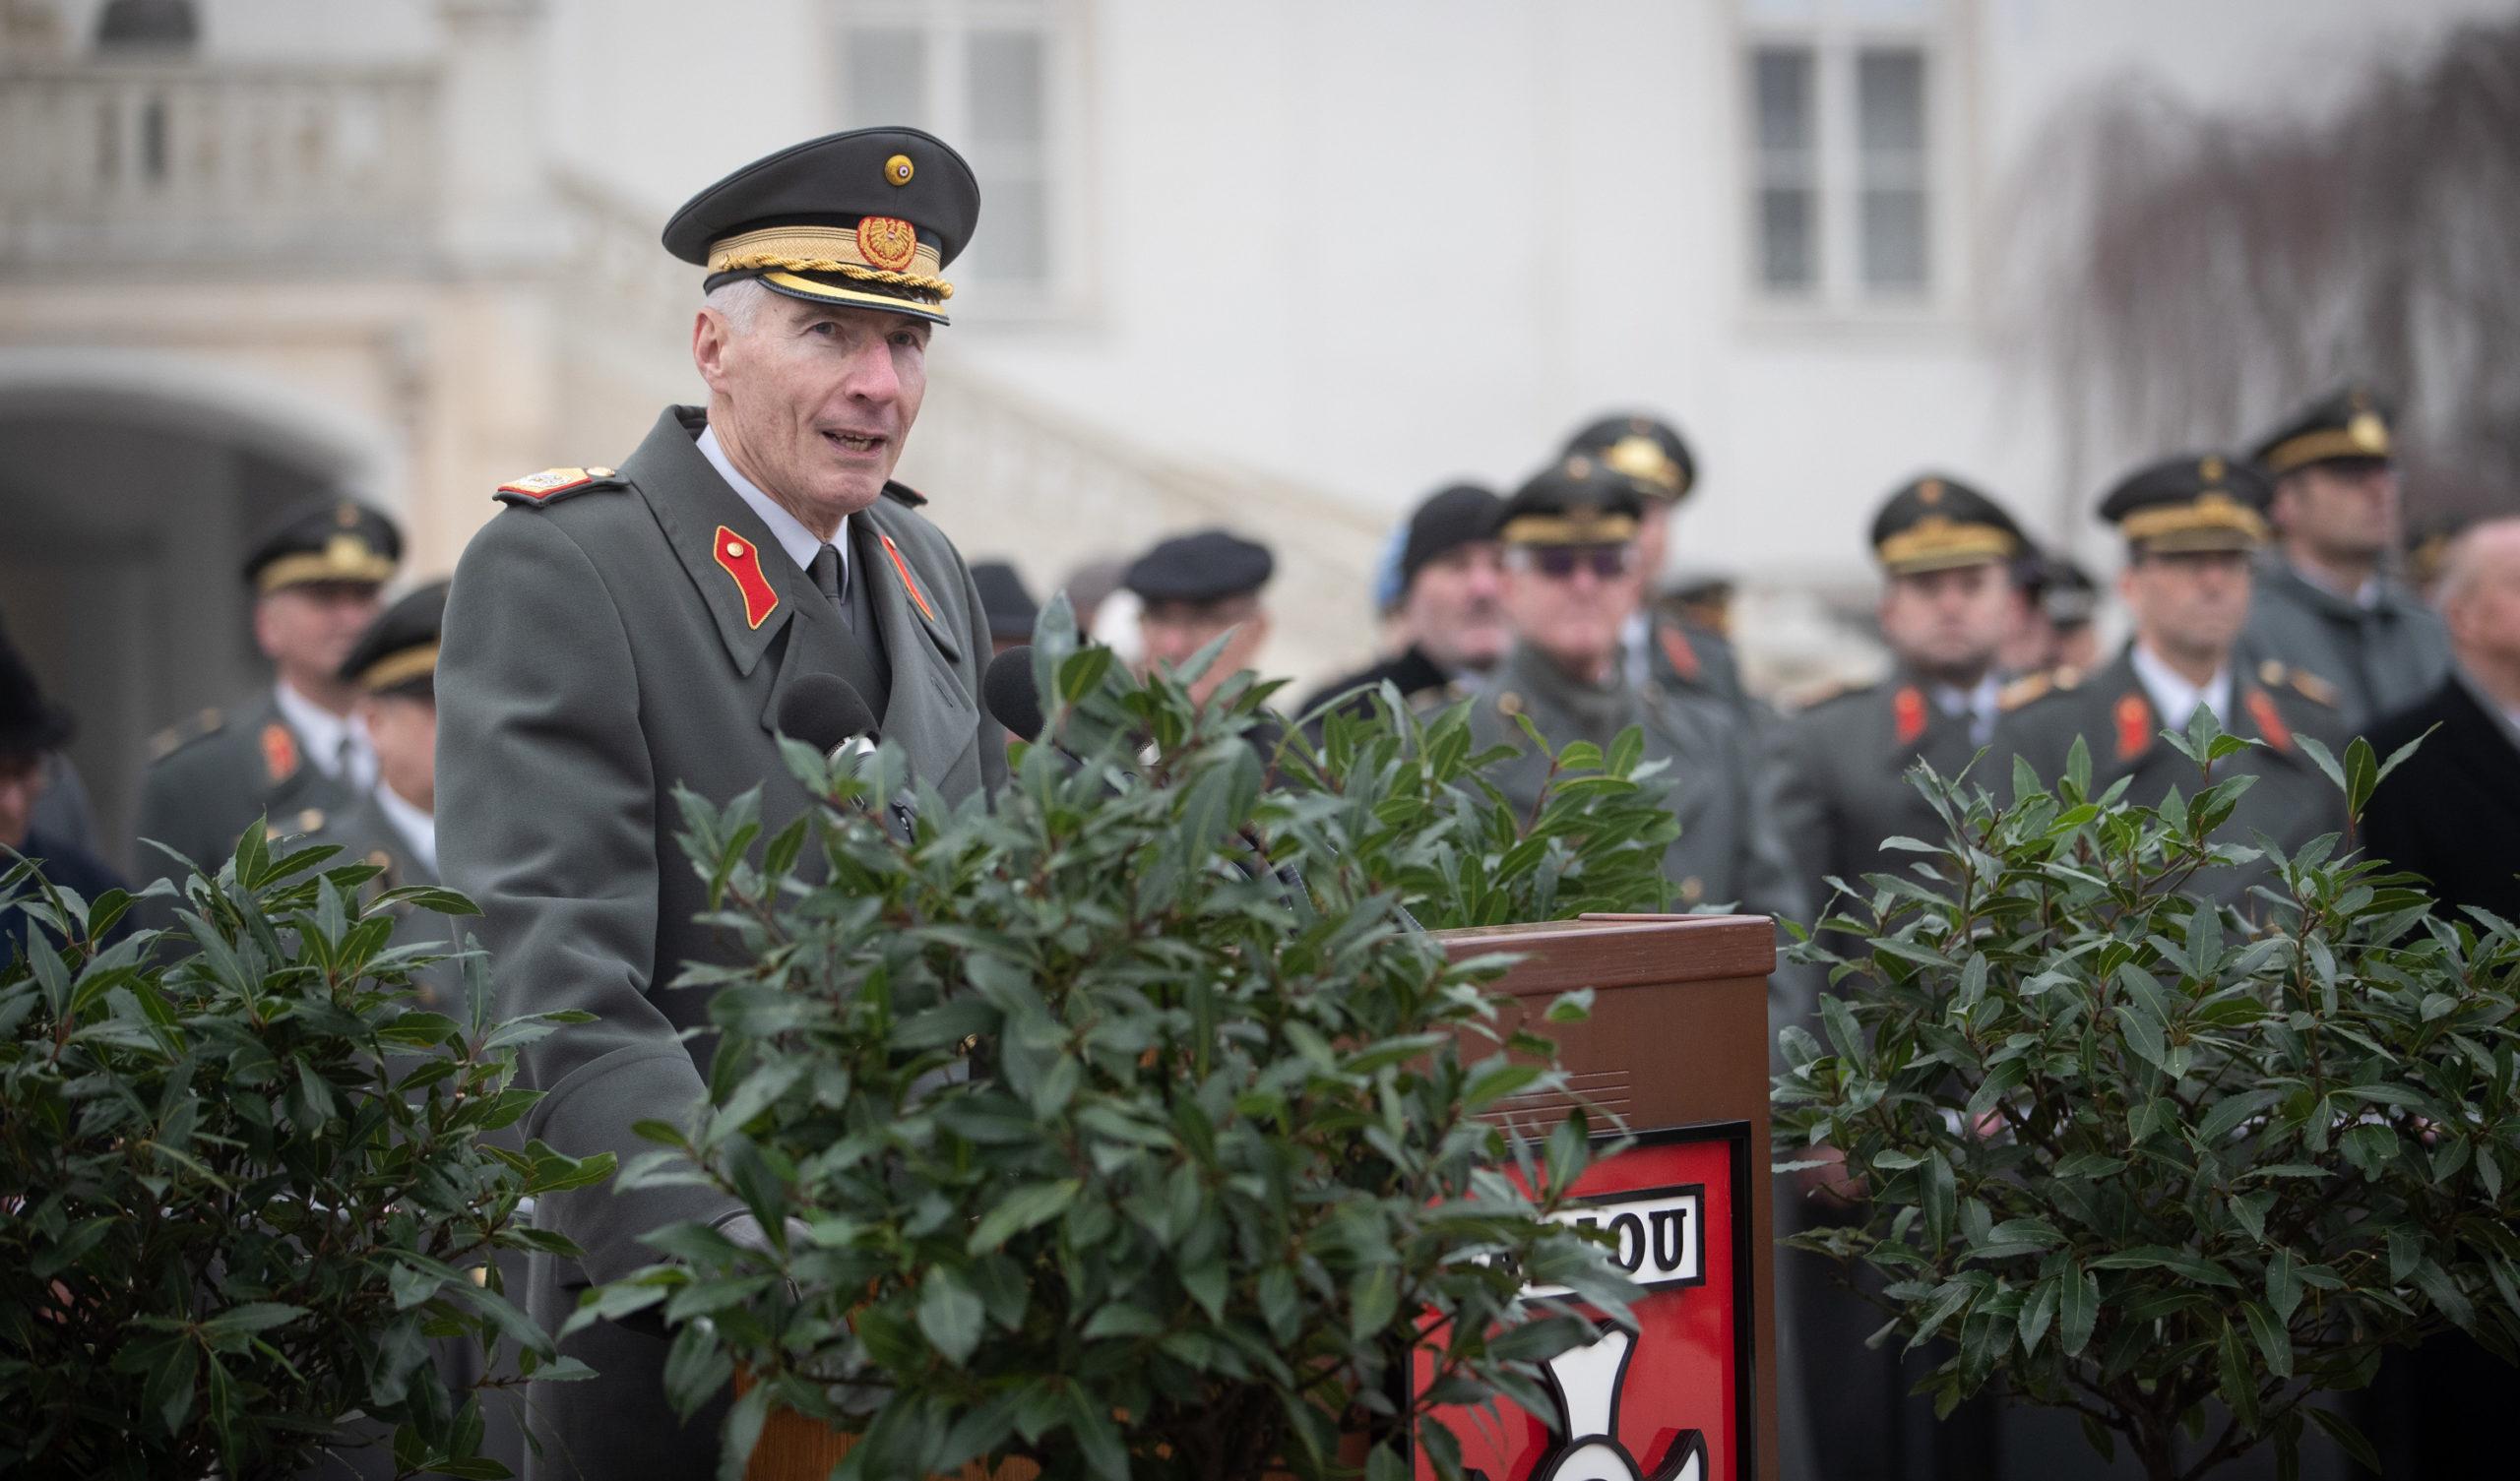 """Ein besonderes Jubiläum gilt es heute zu feiern, 100 Jahre Vereinigung """"Alt-Neustadt"""""""